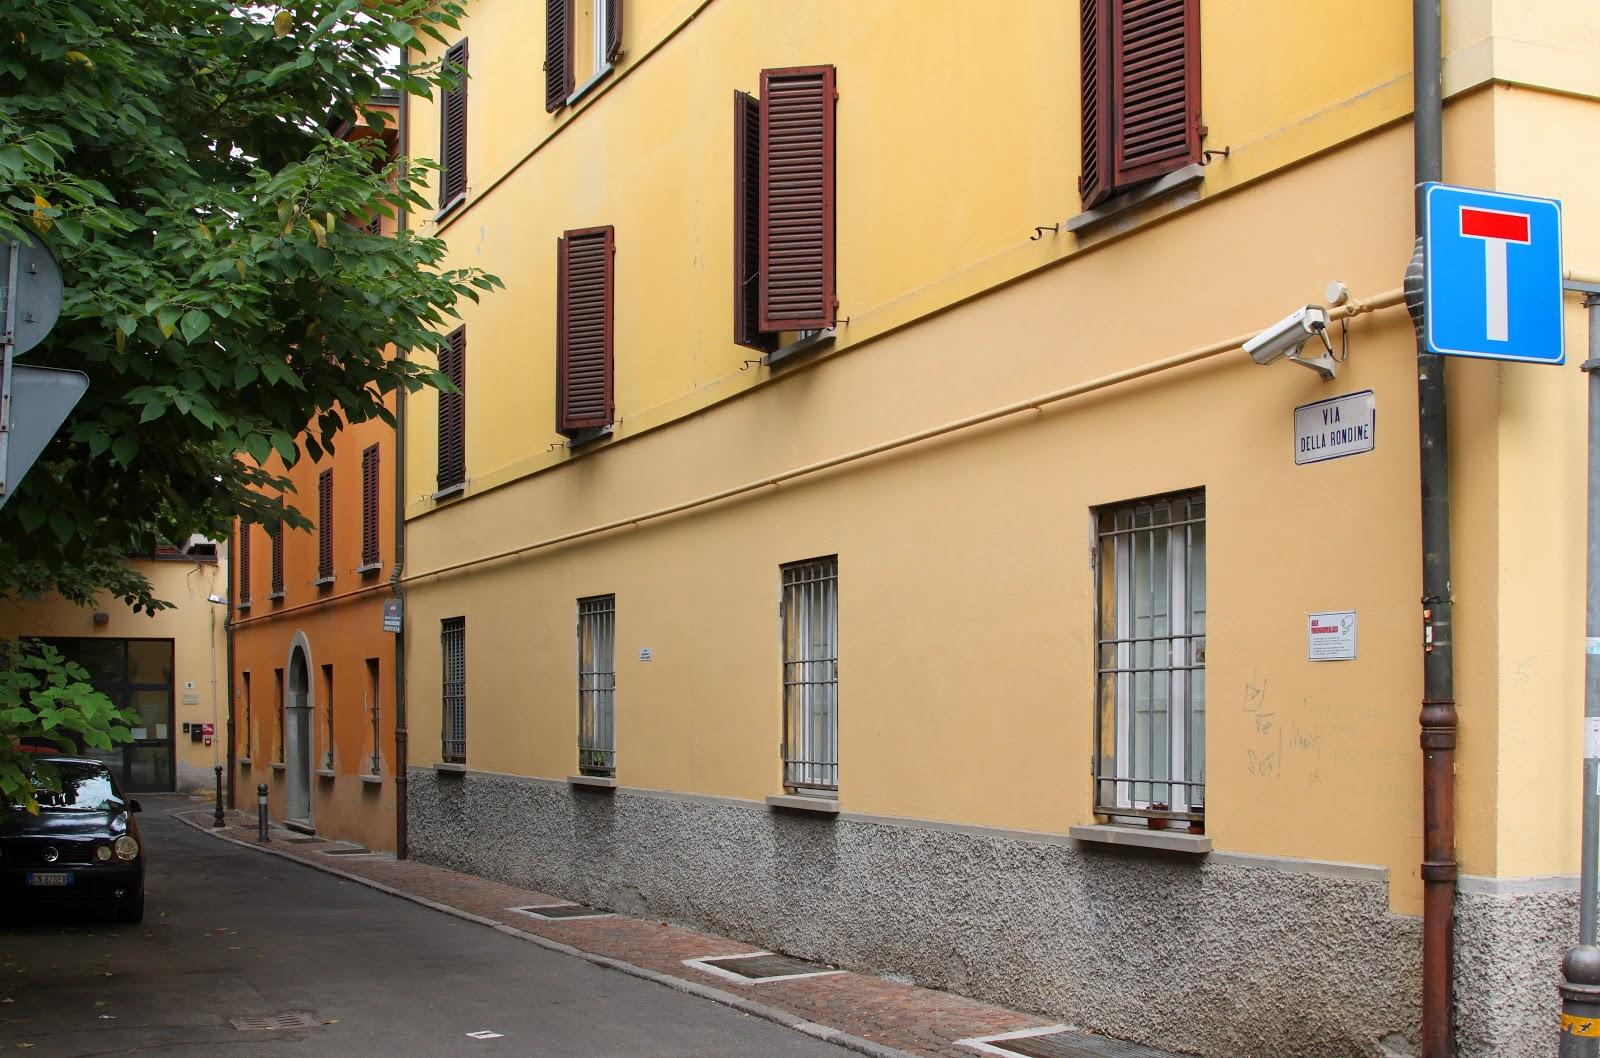 Rondine (Via della)